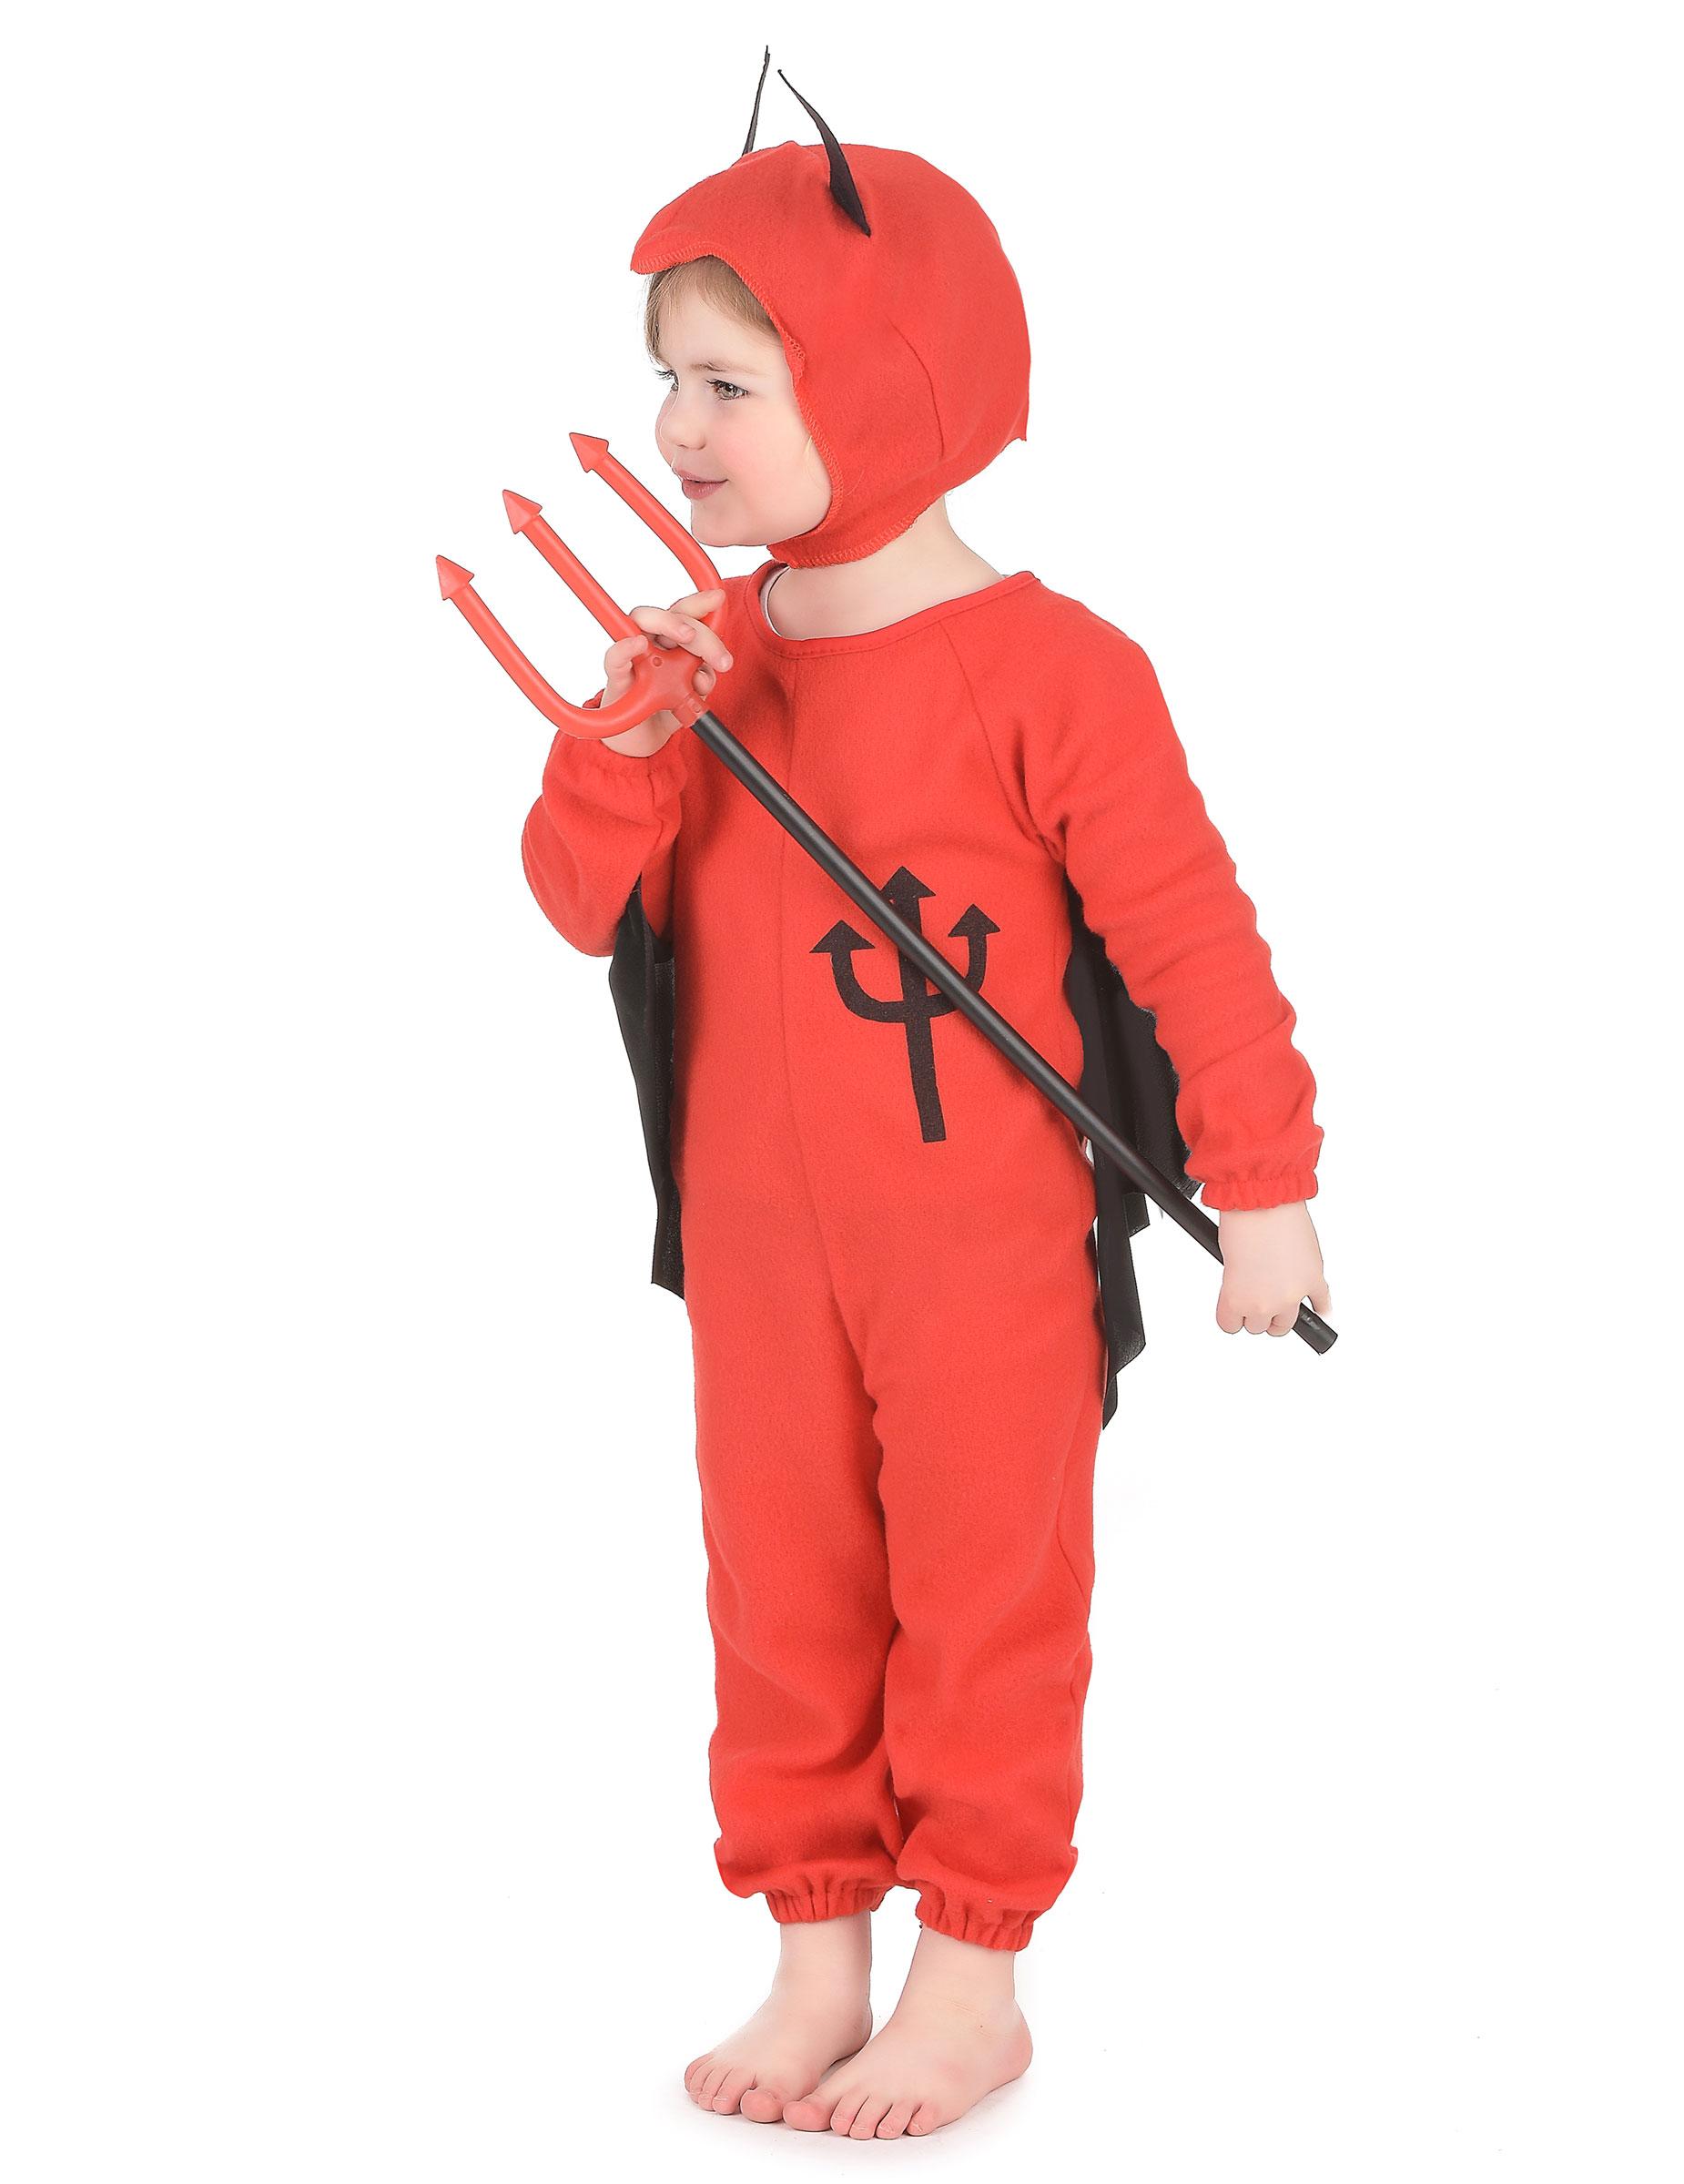 d guisement diable rouge enfant halloween deguise toi achat de d guisements enfants. Black Bedroom Furniture Sets. Home Design Ideas